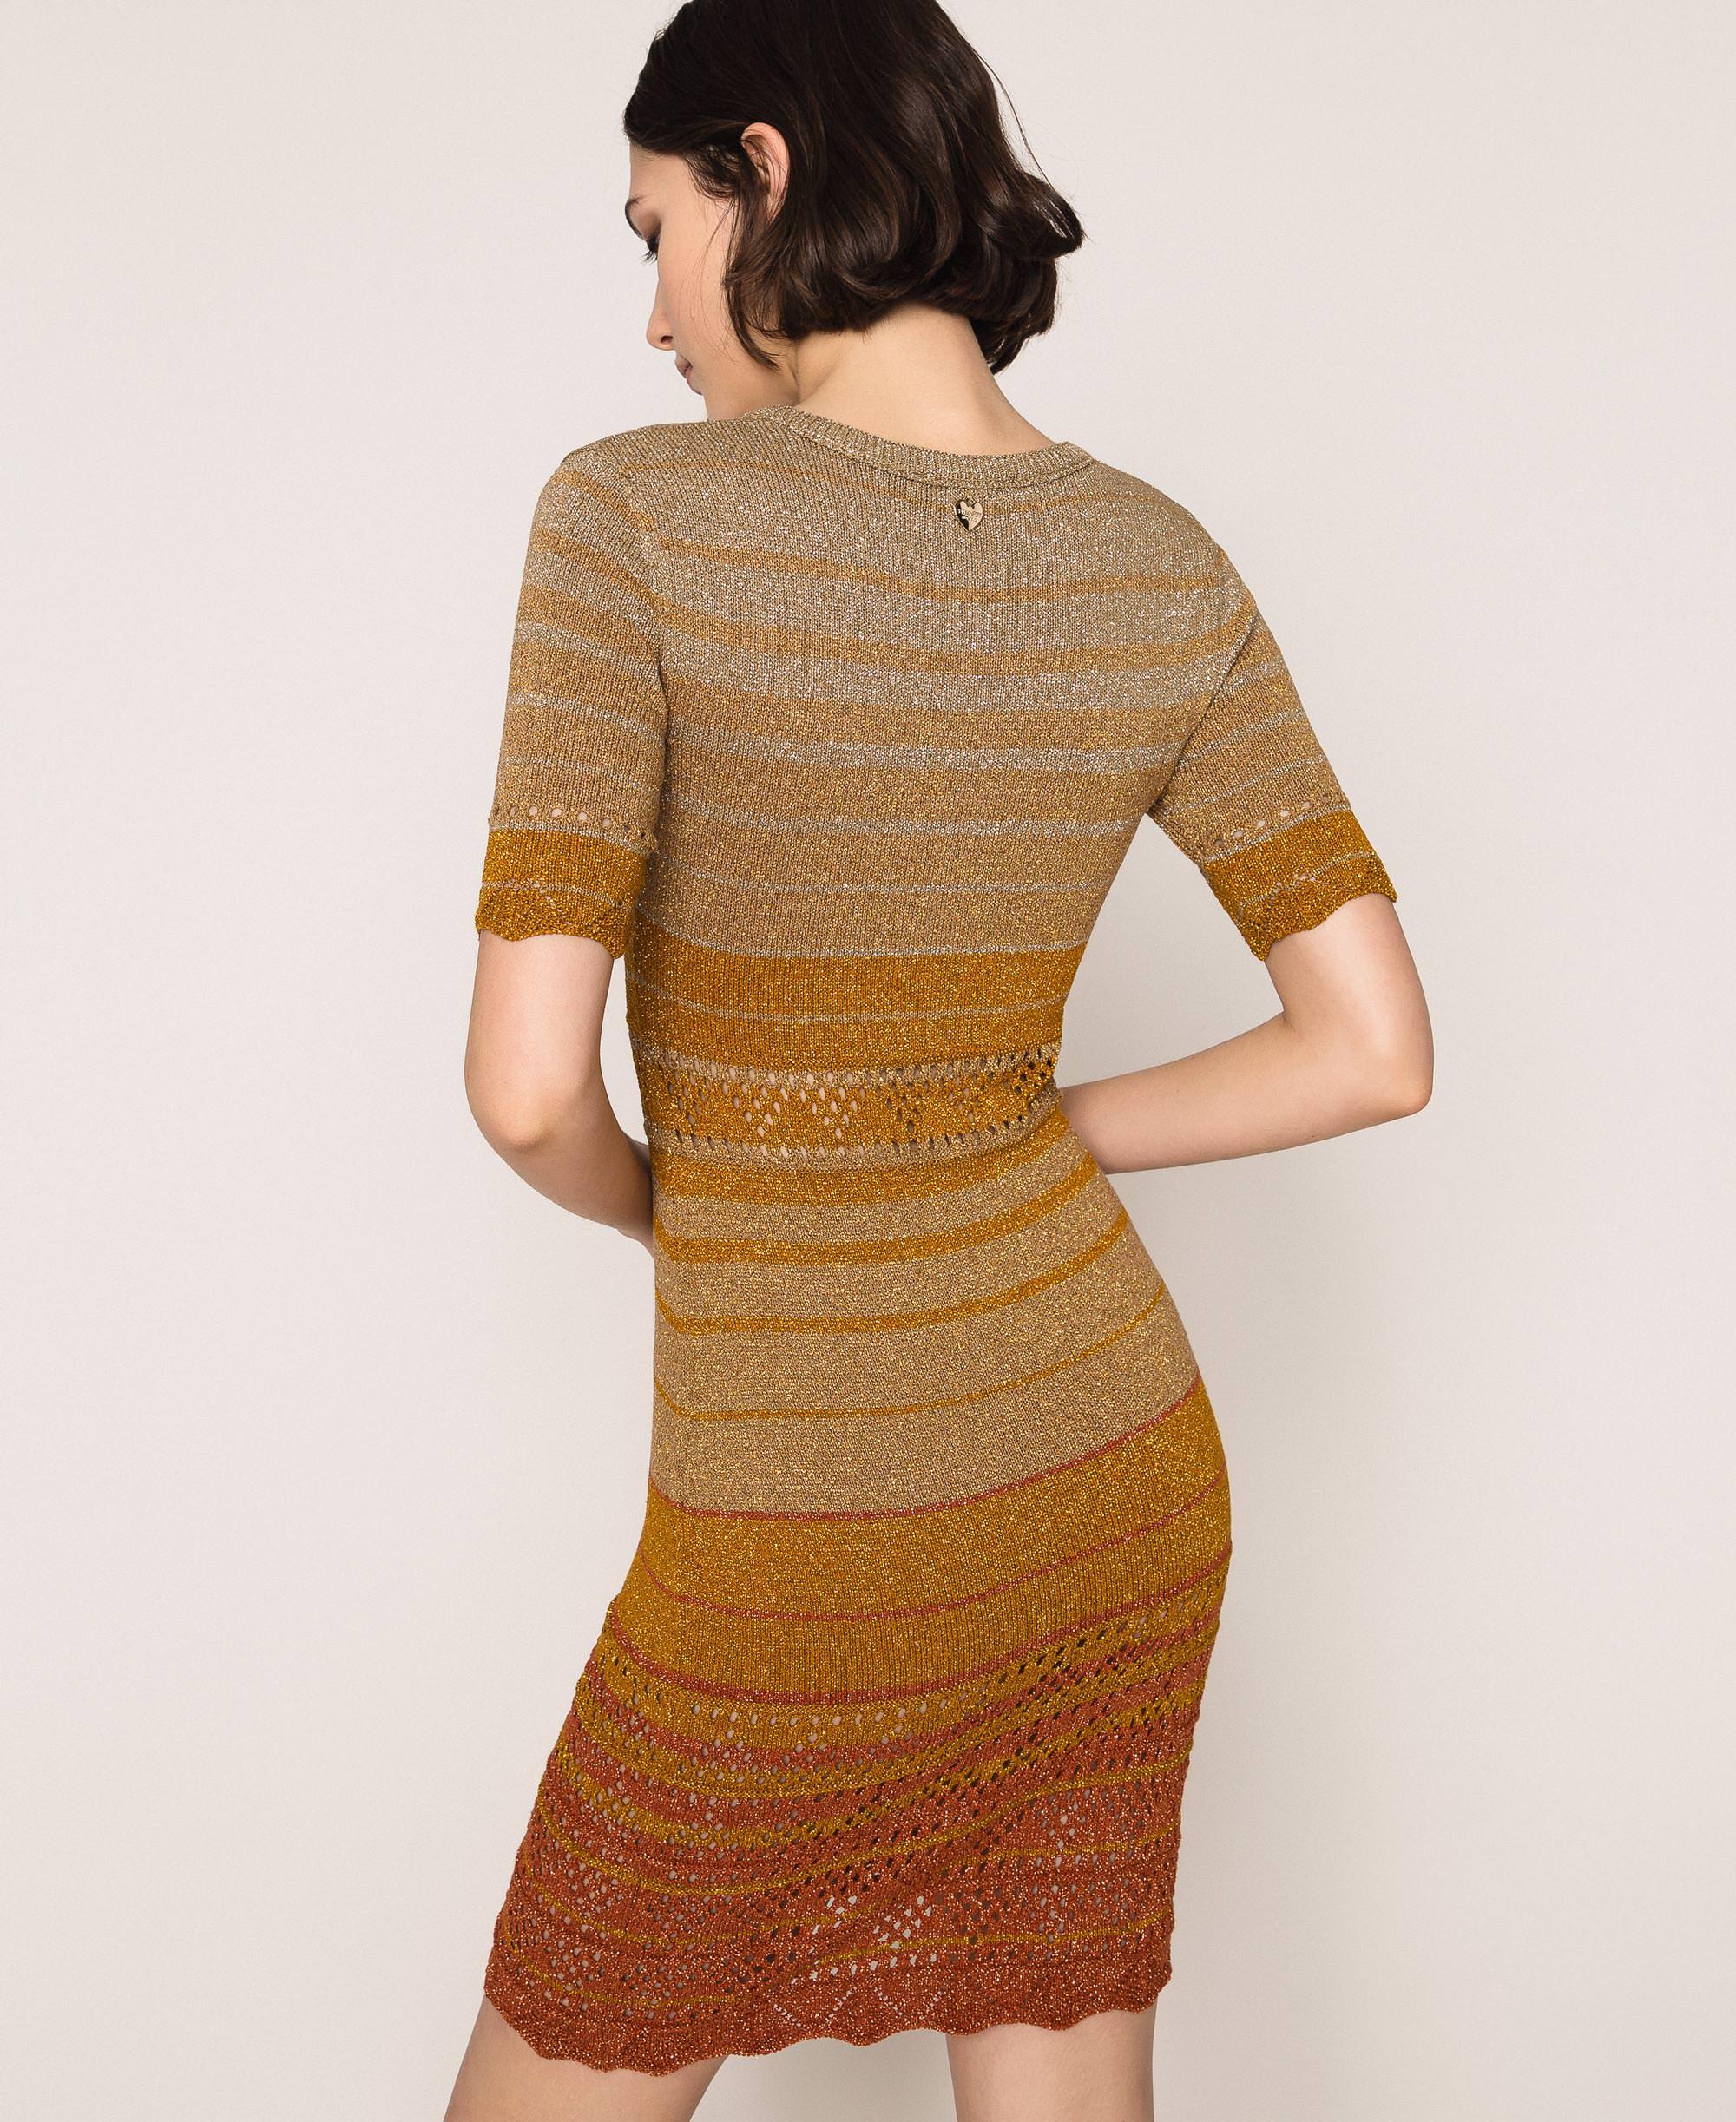 Gestreiftes Kleid Aus Lurexgarn Frau Gold Twinset Milano